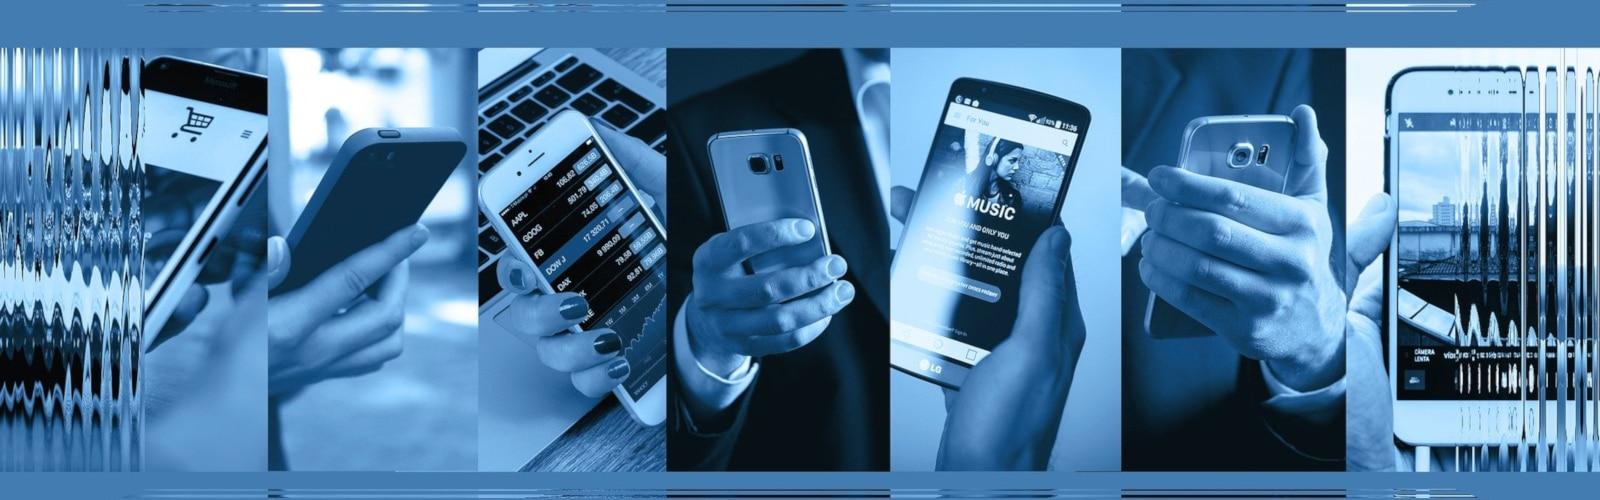 Le SMS commercial : de plus en plus plébiscité par les Français